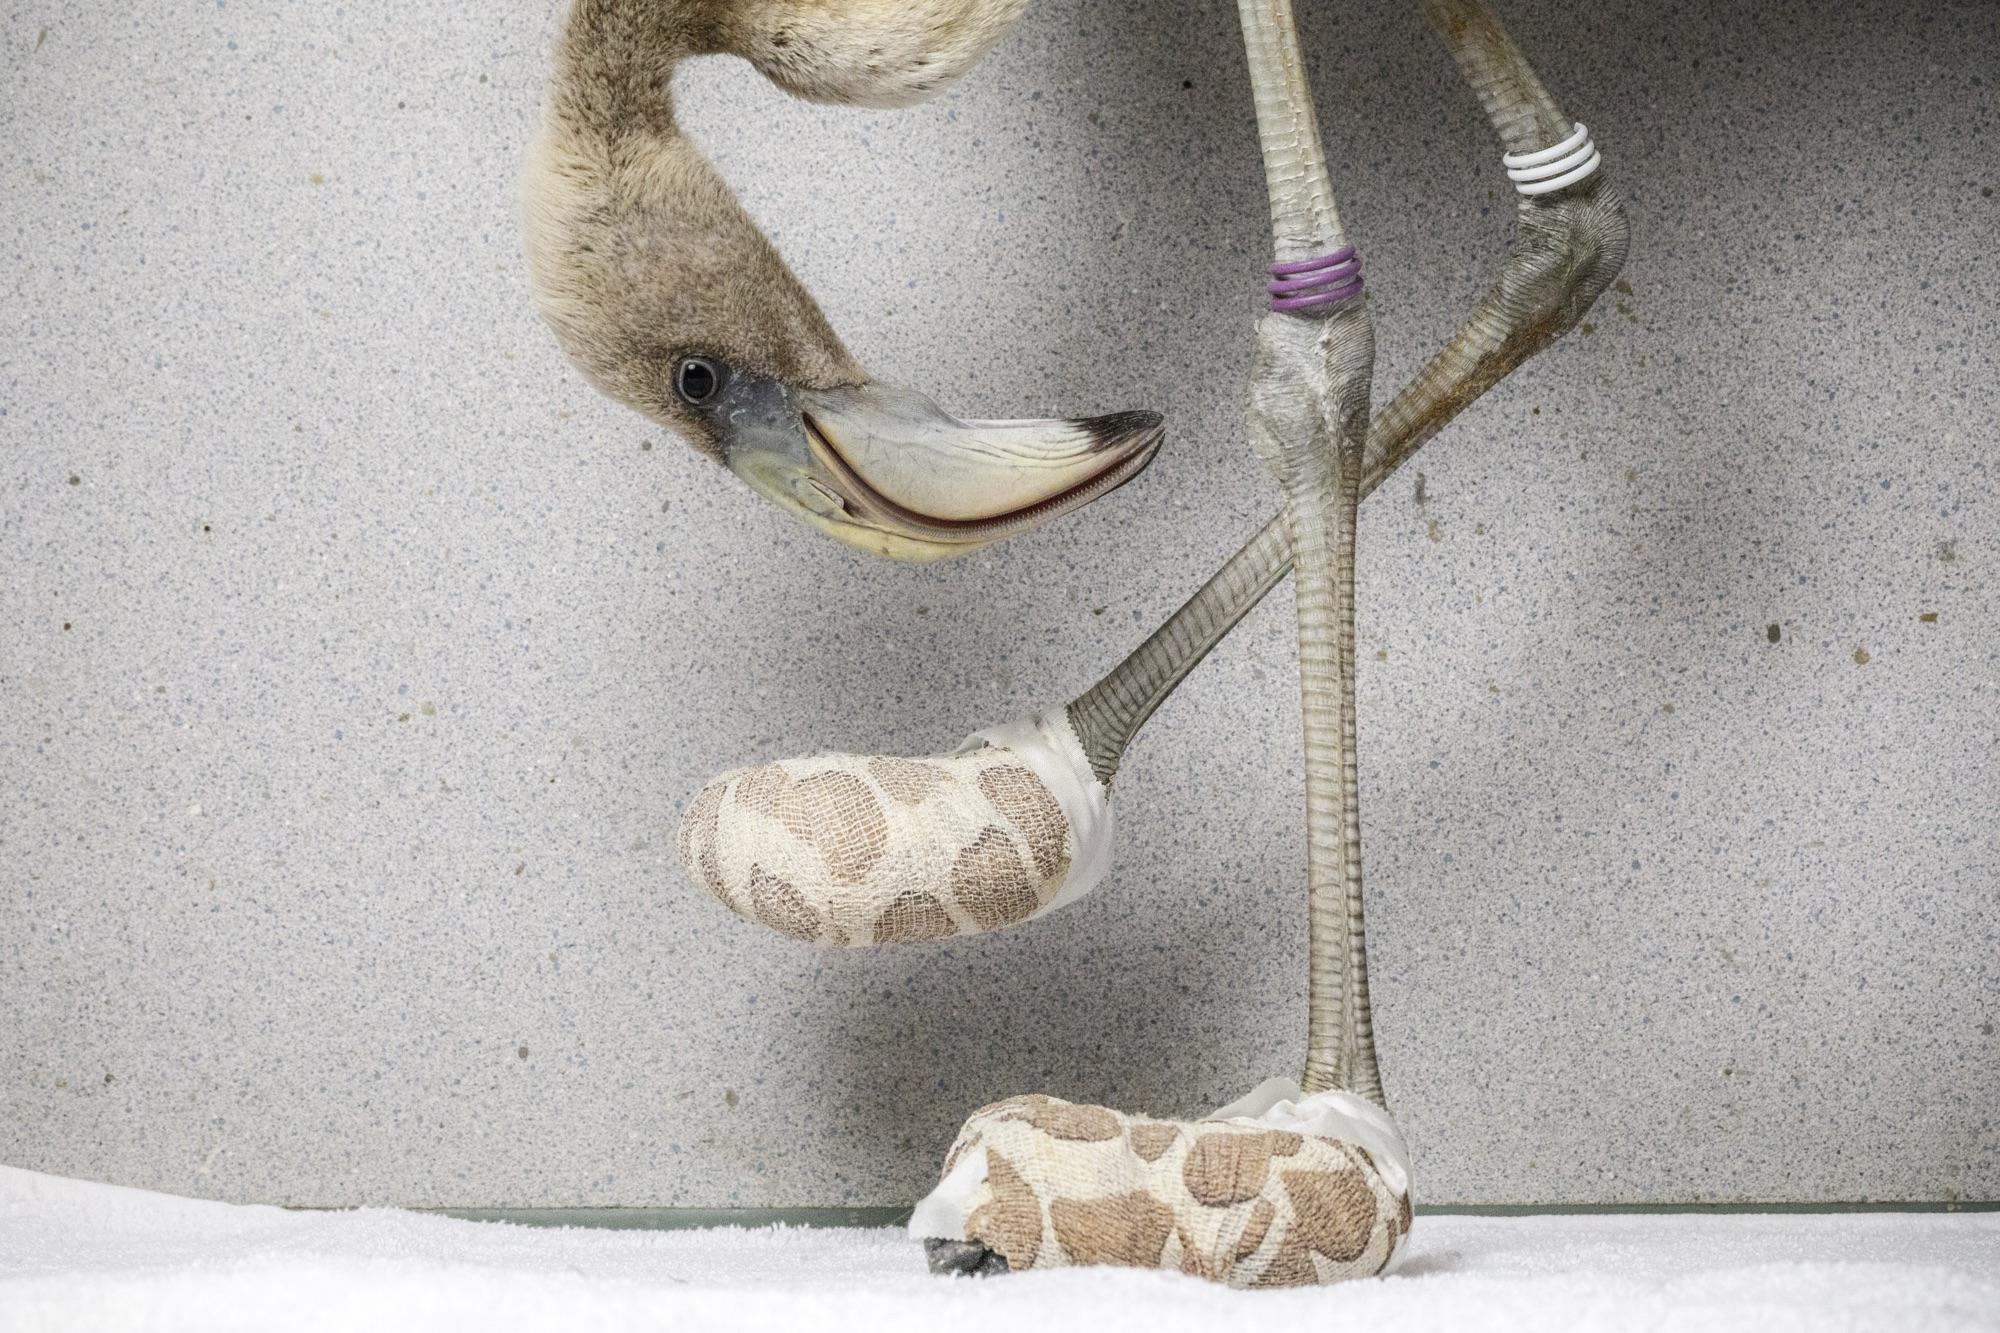 foto van een Caribische flamingo die de geïmproviseerde sokken inspecteert die zijn gemaakt om de ernstige voetlaesies te genezen